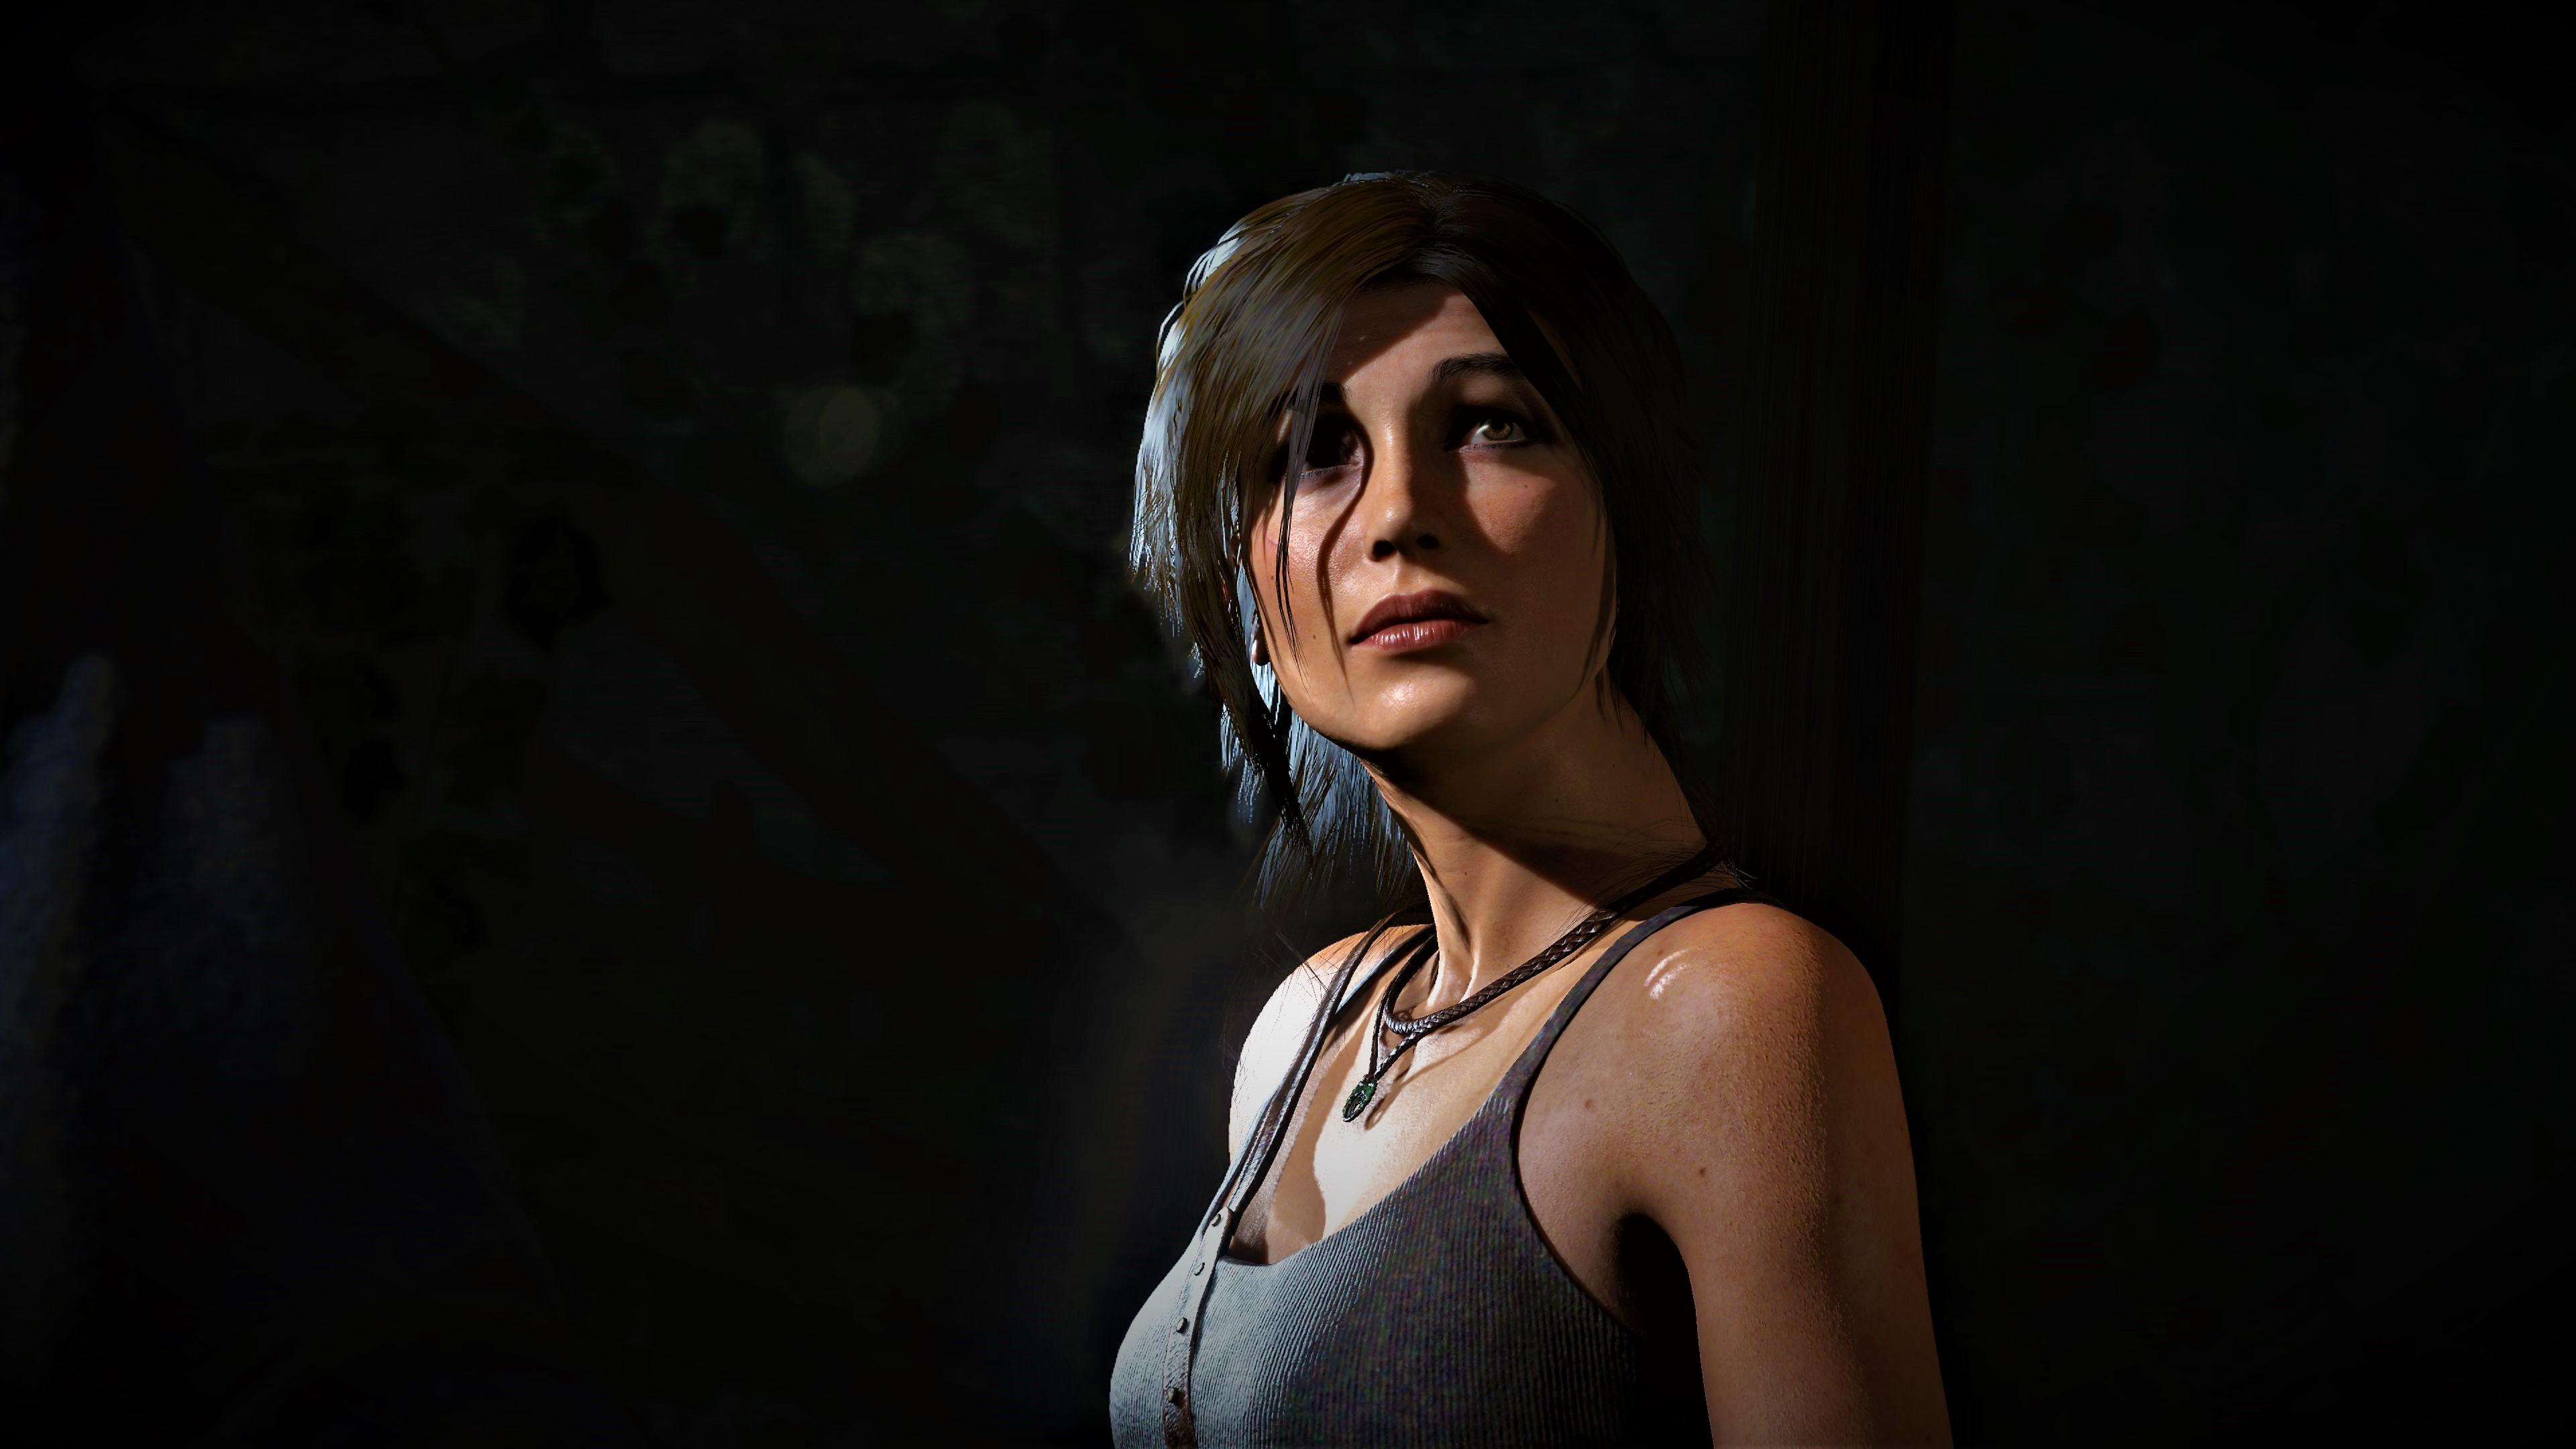 3840x2160 Lara Croft Tomb Raider Artwork 4k Hd 4k: 3840x2160 Lara Croft Rise Of The Tomb Raider 2017 4k HD 4k